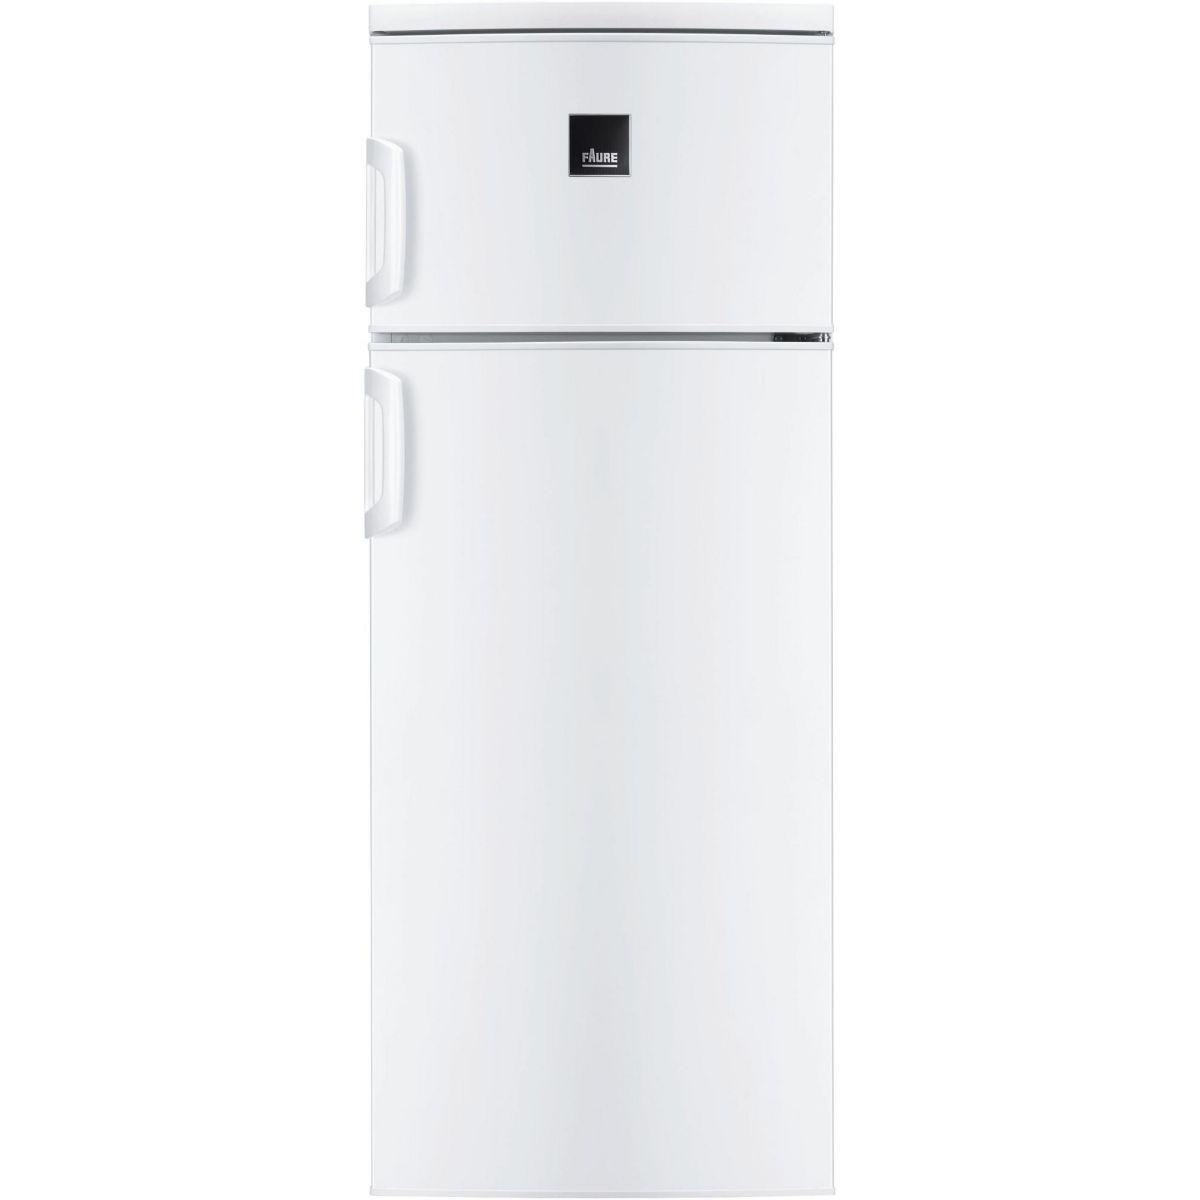 Réfrigérateur congélateur en haut FAURE FRT27102WA